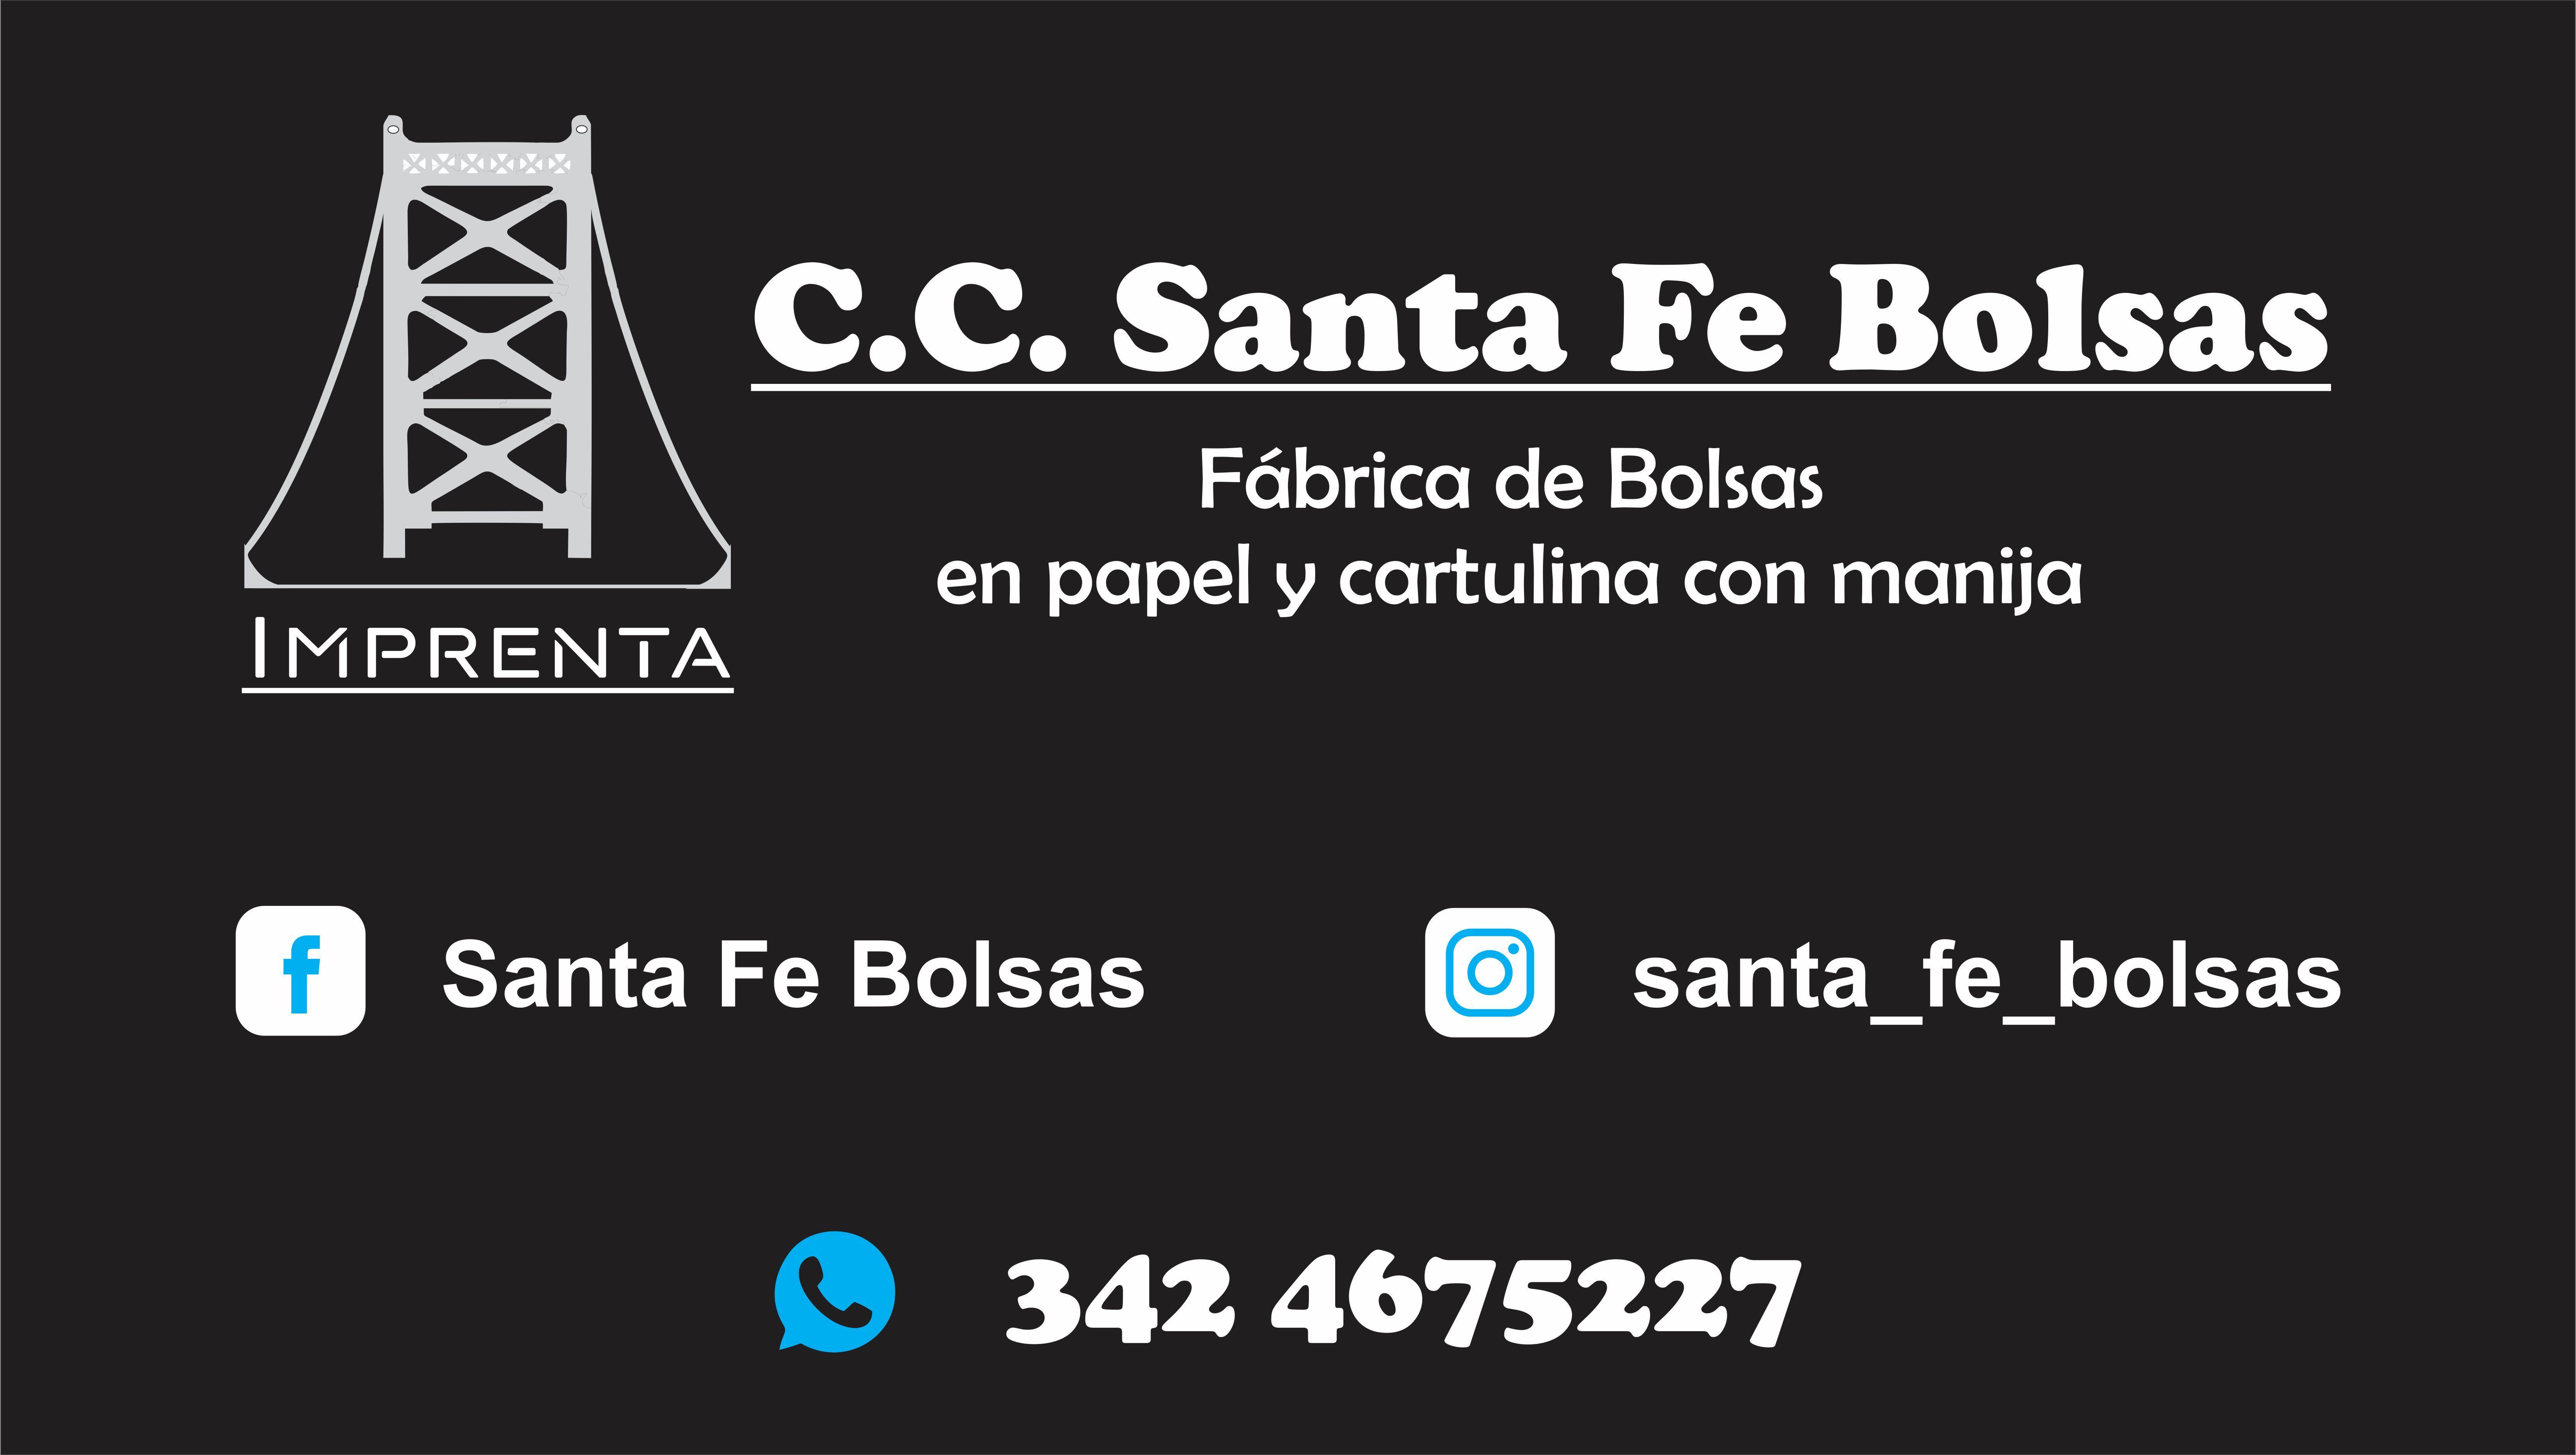 Santa Fe Bolsas